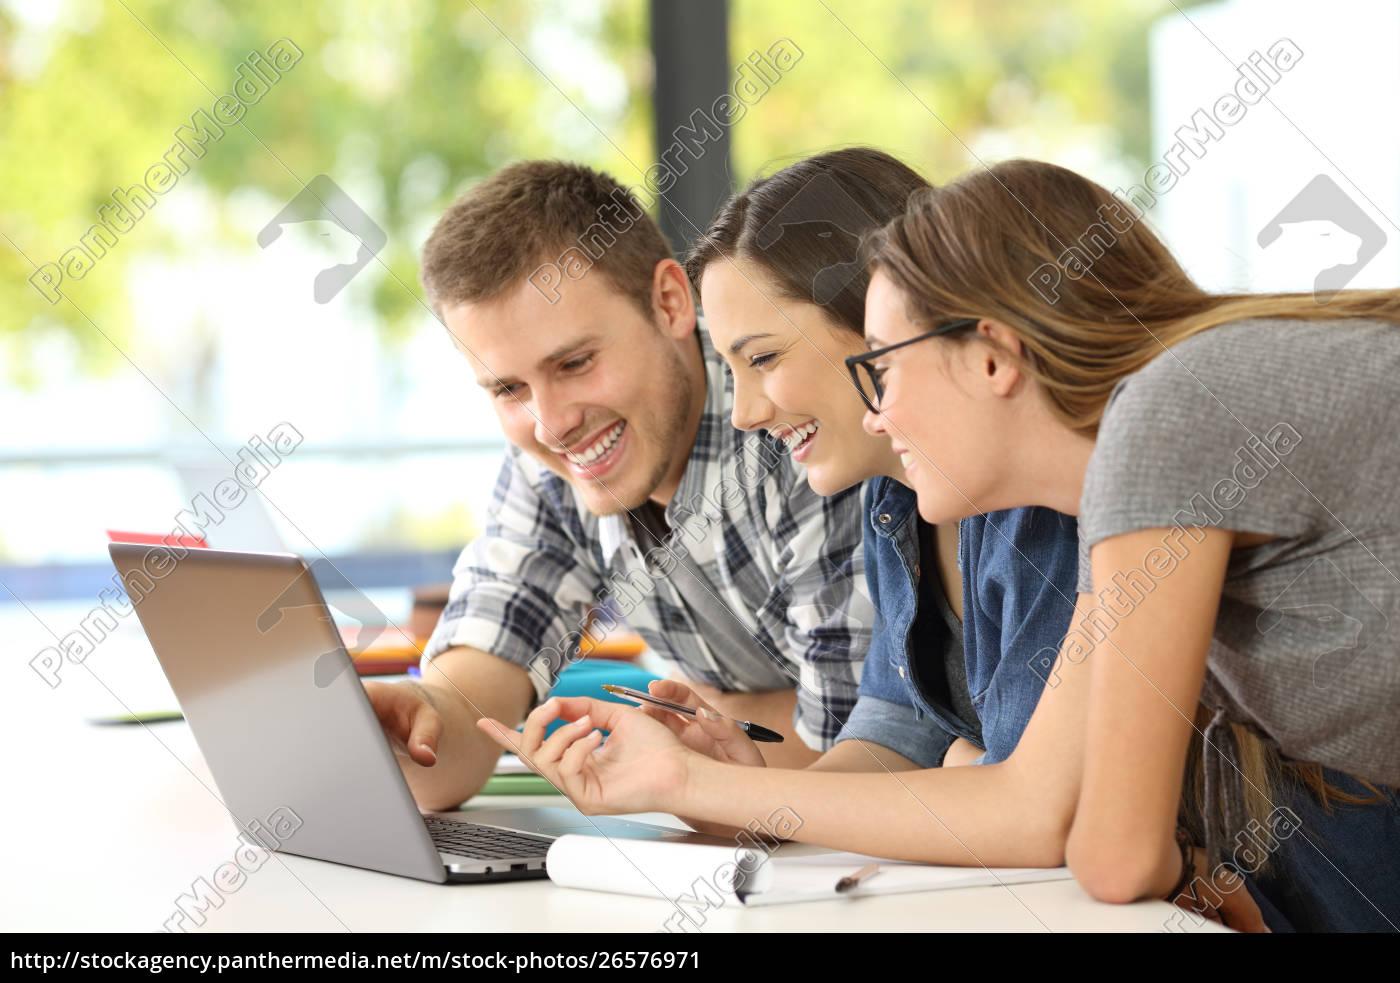 drei, schüler, lernen, online, zusammen - 26576971